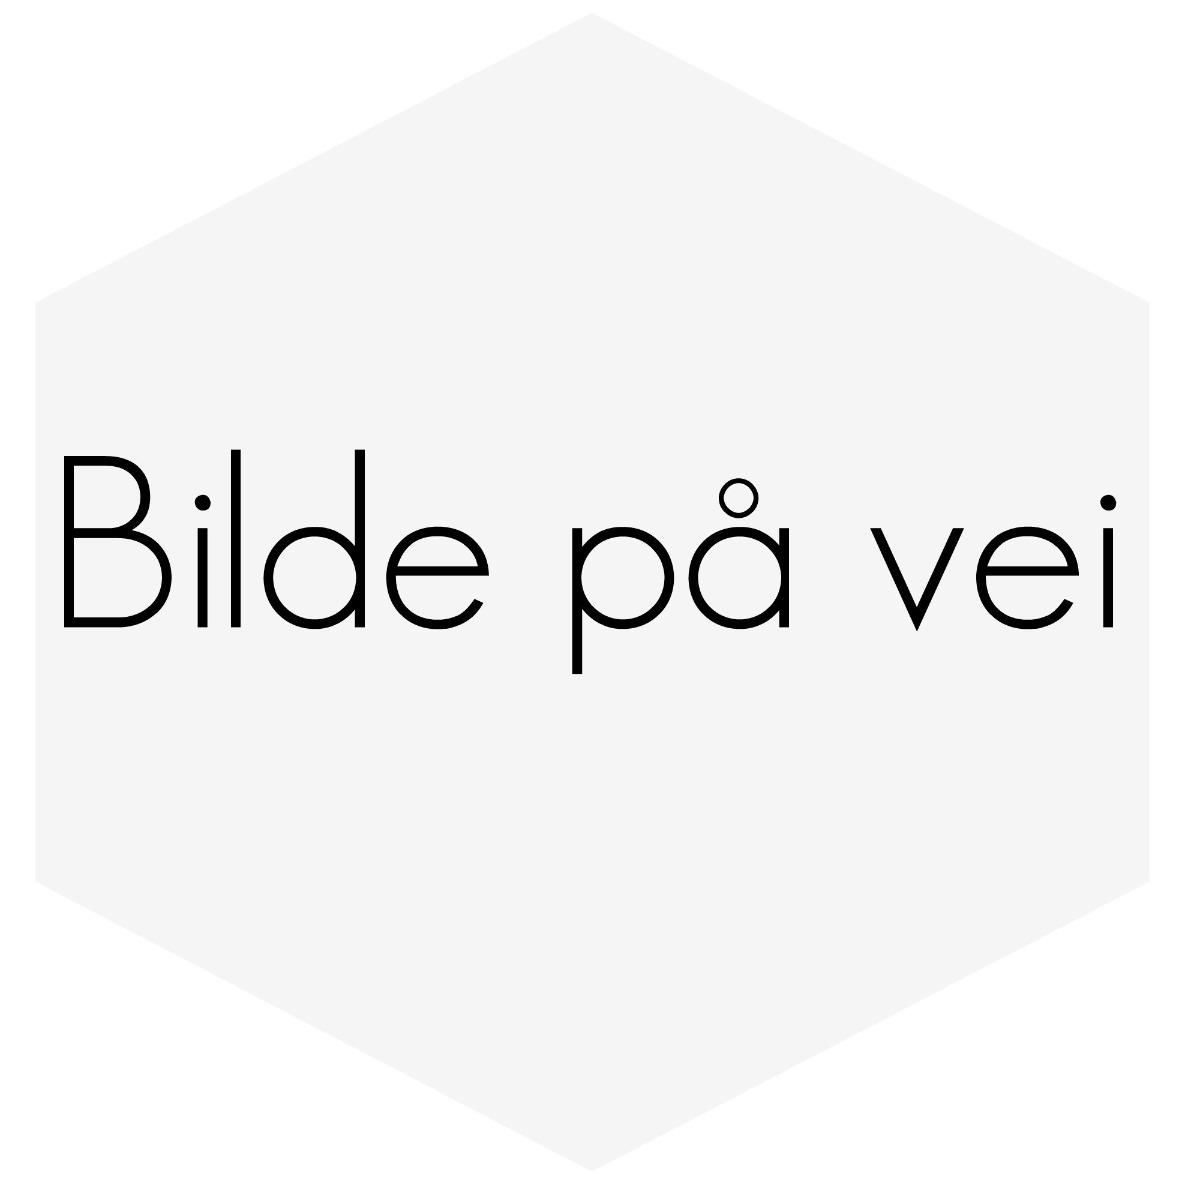 STØTDEMPER SPORT BILSTEIN B6 850-S/V70 FORAN .FJÆRBEN